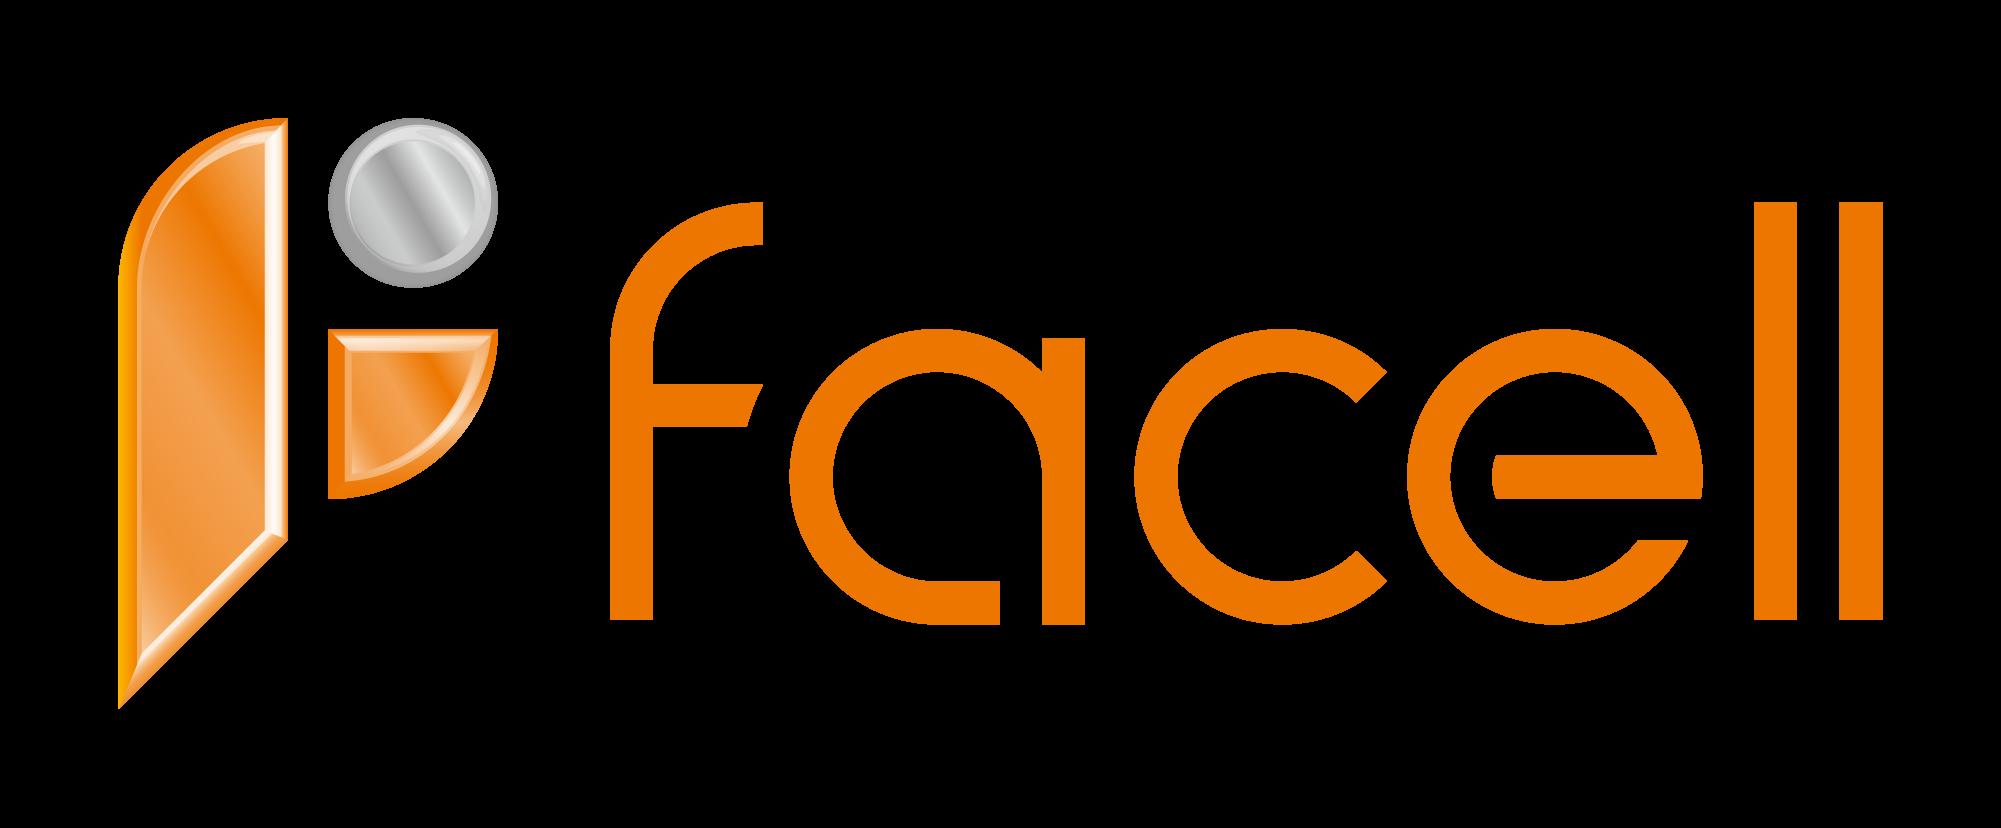 商社/卸売業と近未来とオレンジのロゴ